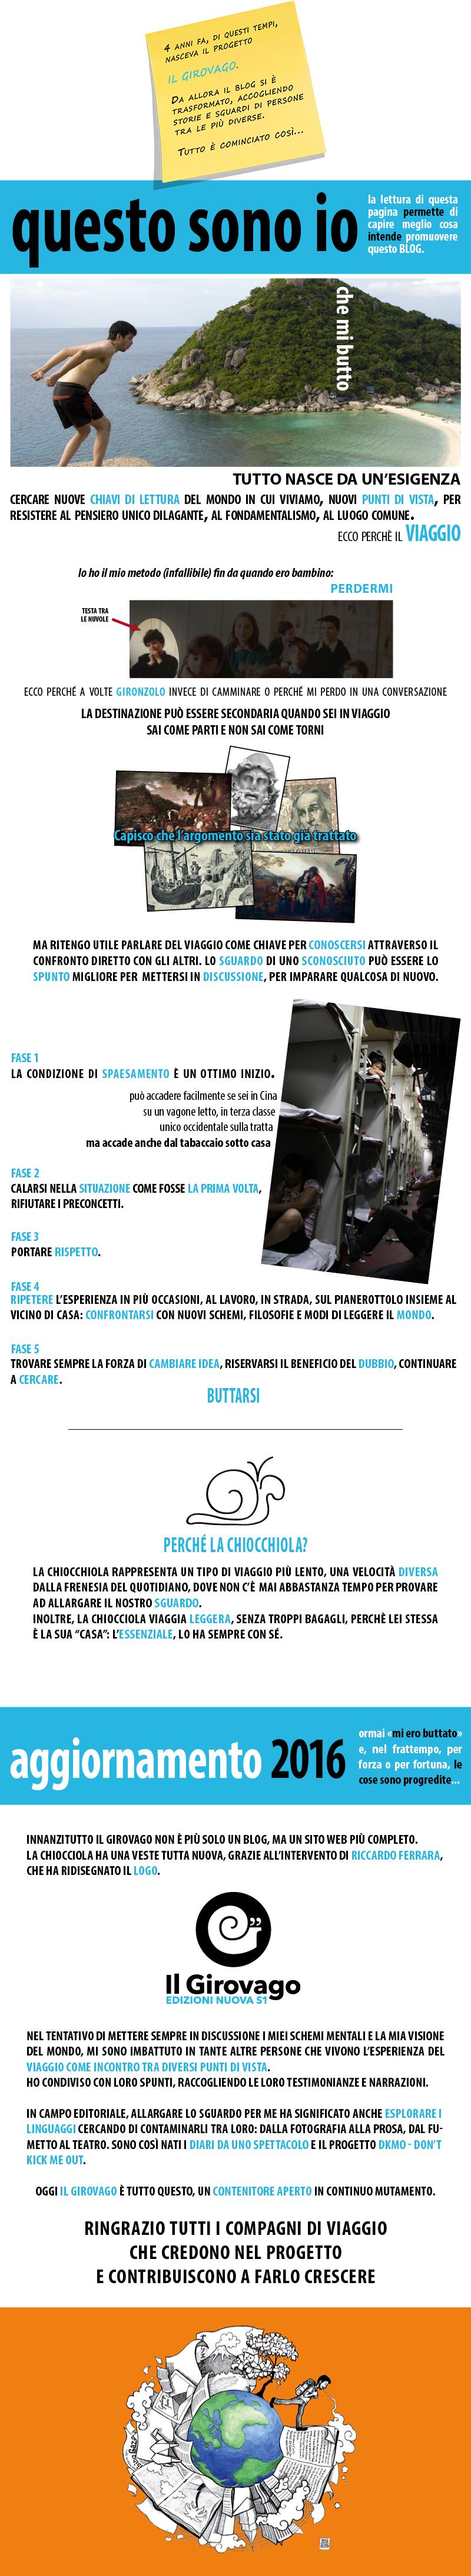 manifesto-girovago-2016